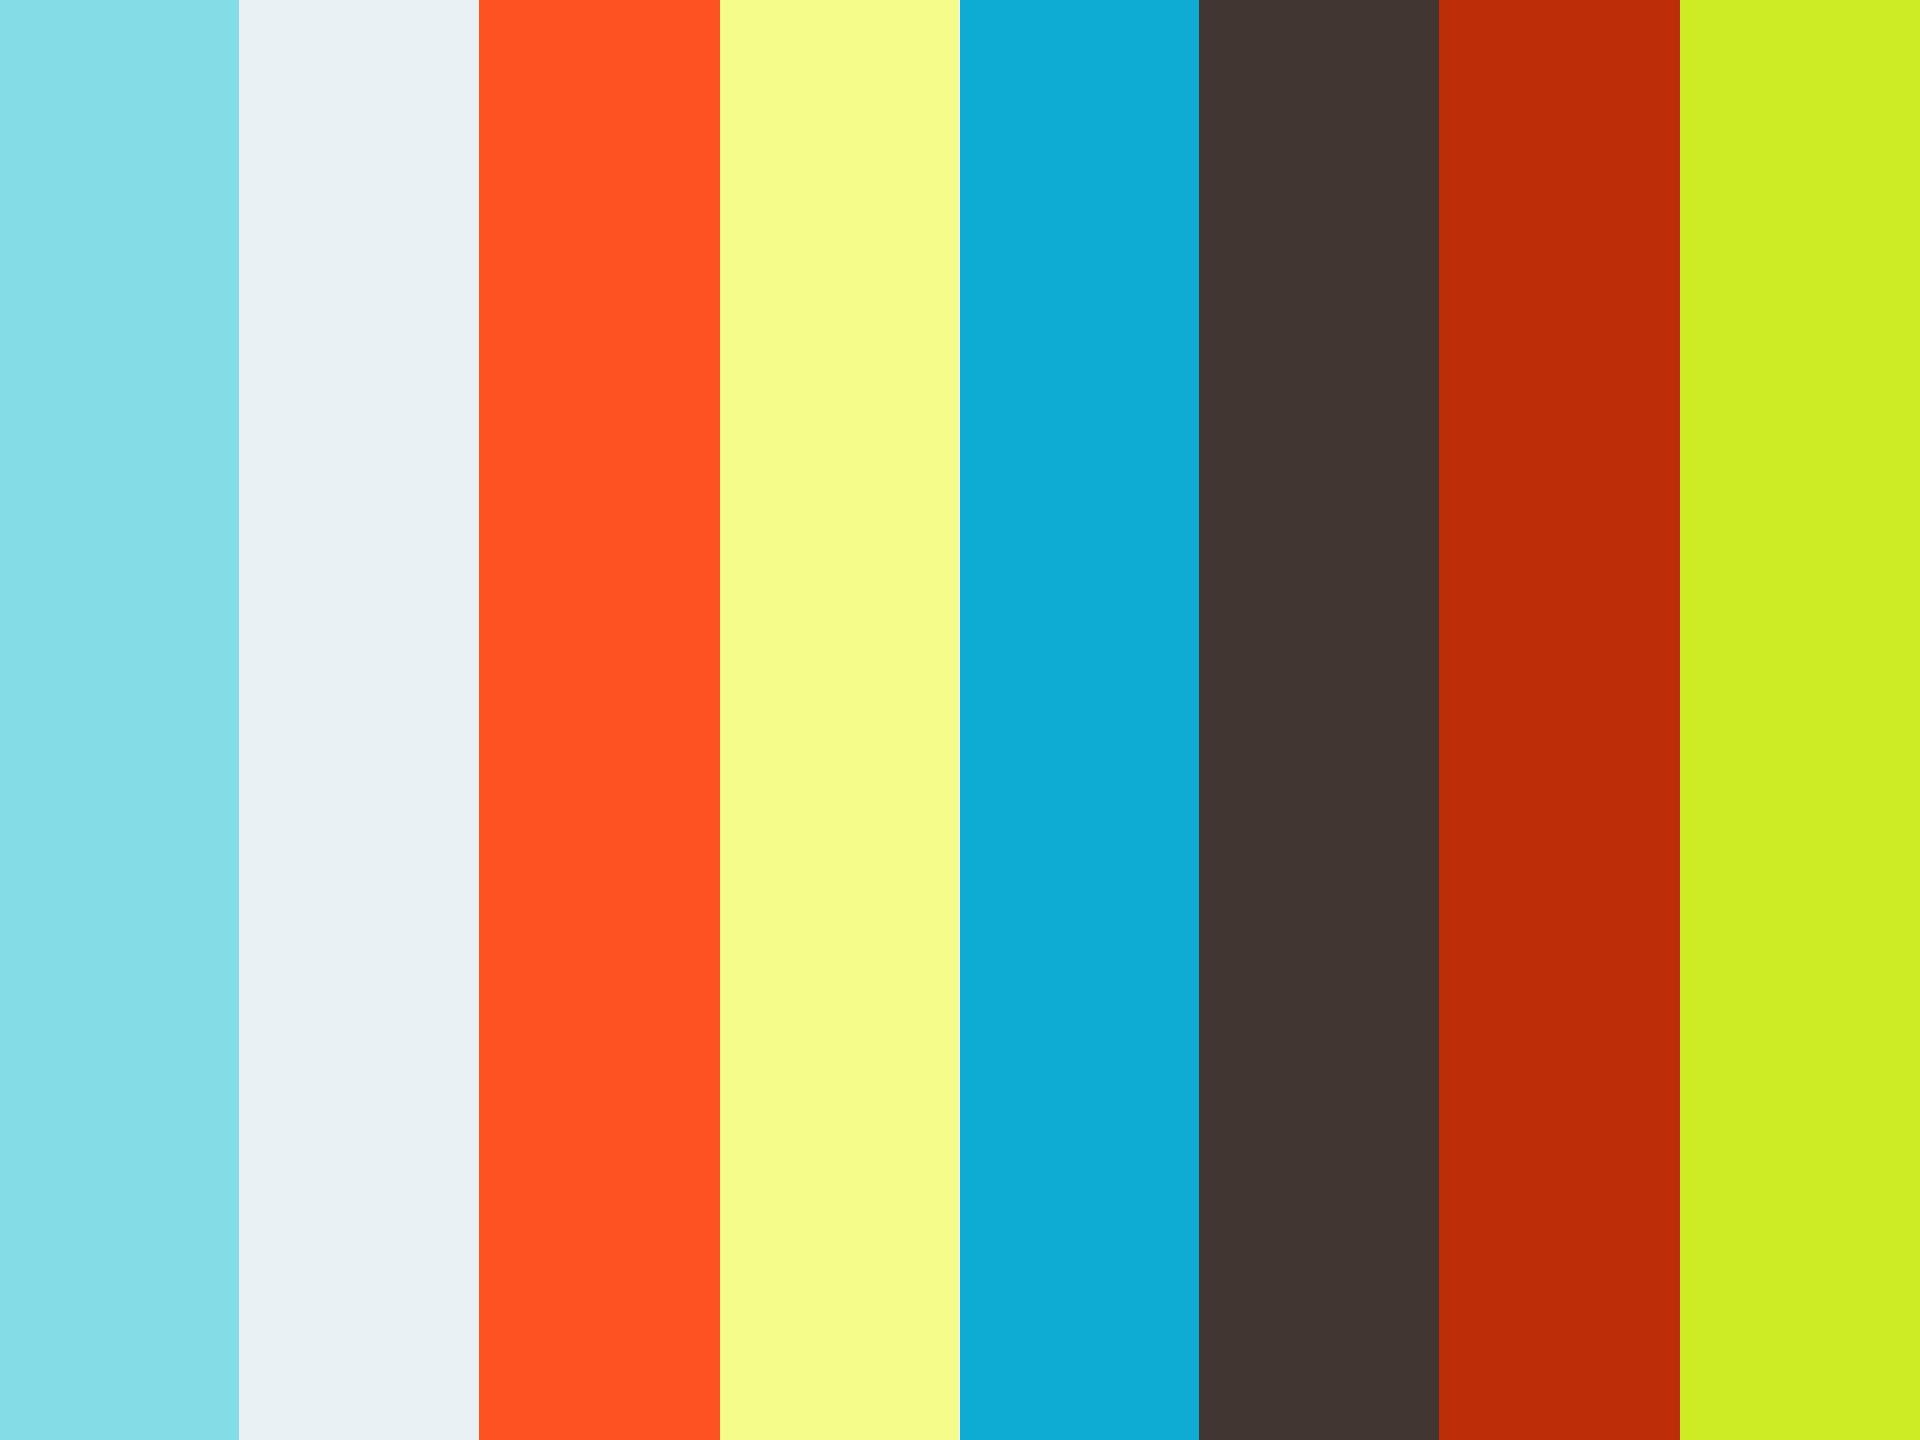 Schroder house international style graphic design